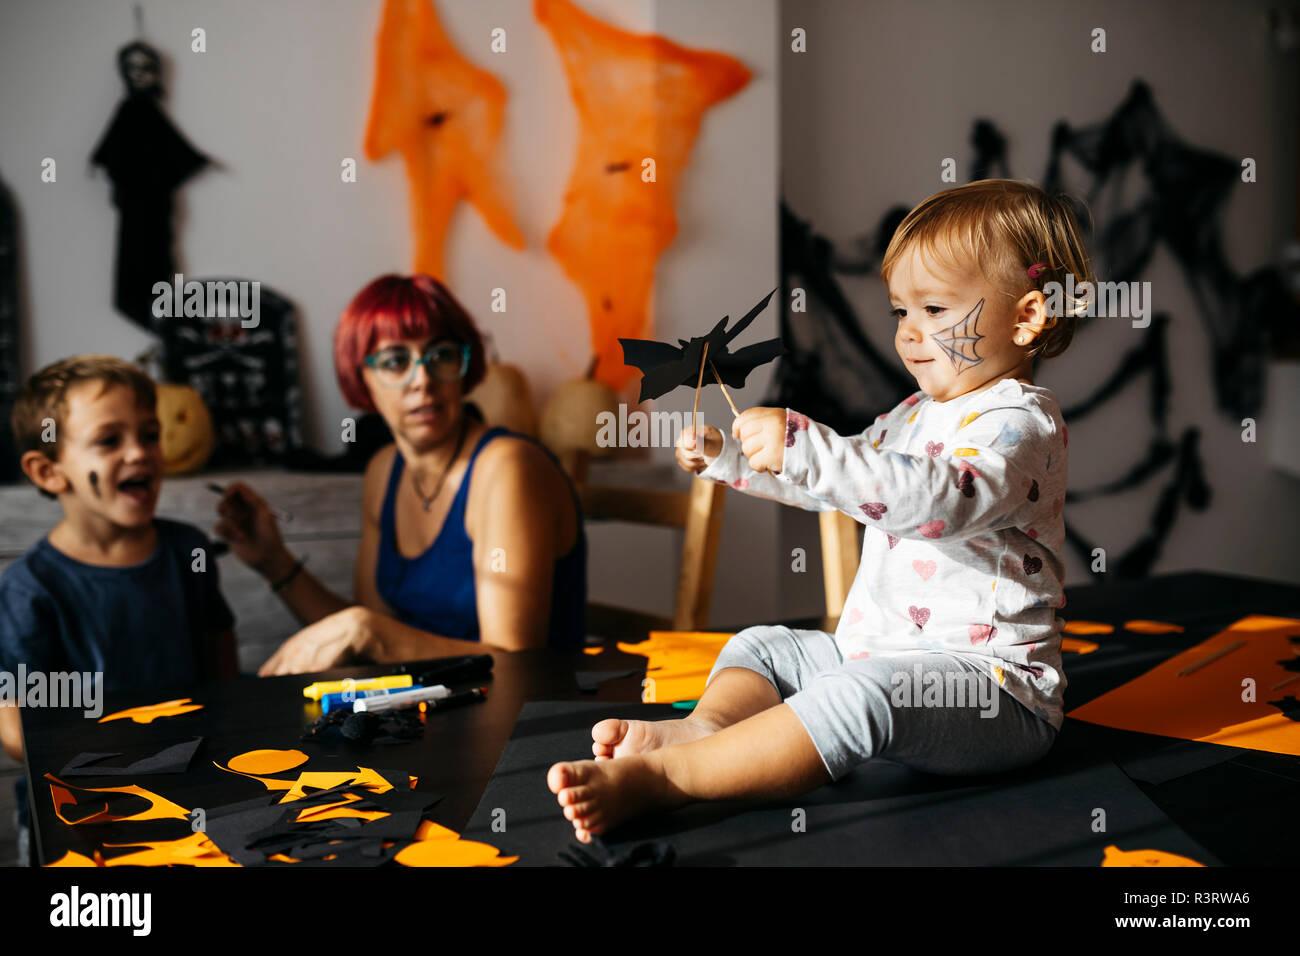 Baby Mädchen spielen mit Halloween Dekoration zu Hause, während Mutter und Bruder beobachtete Stockfoto